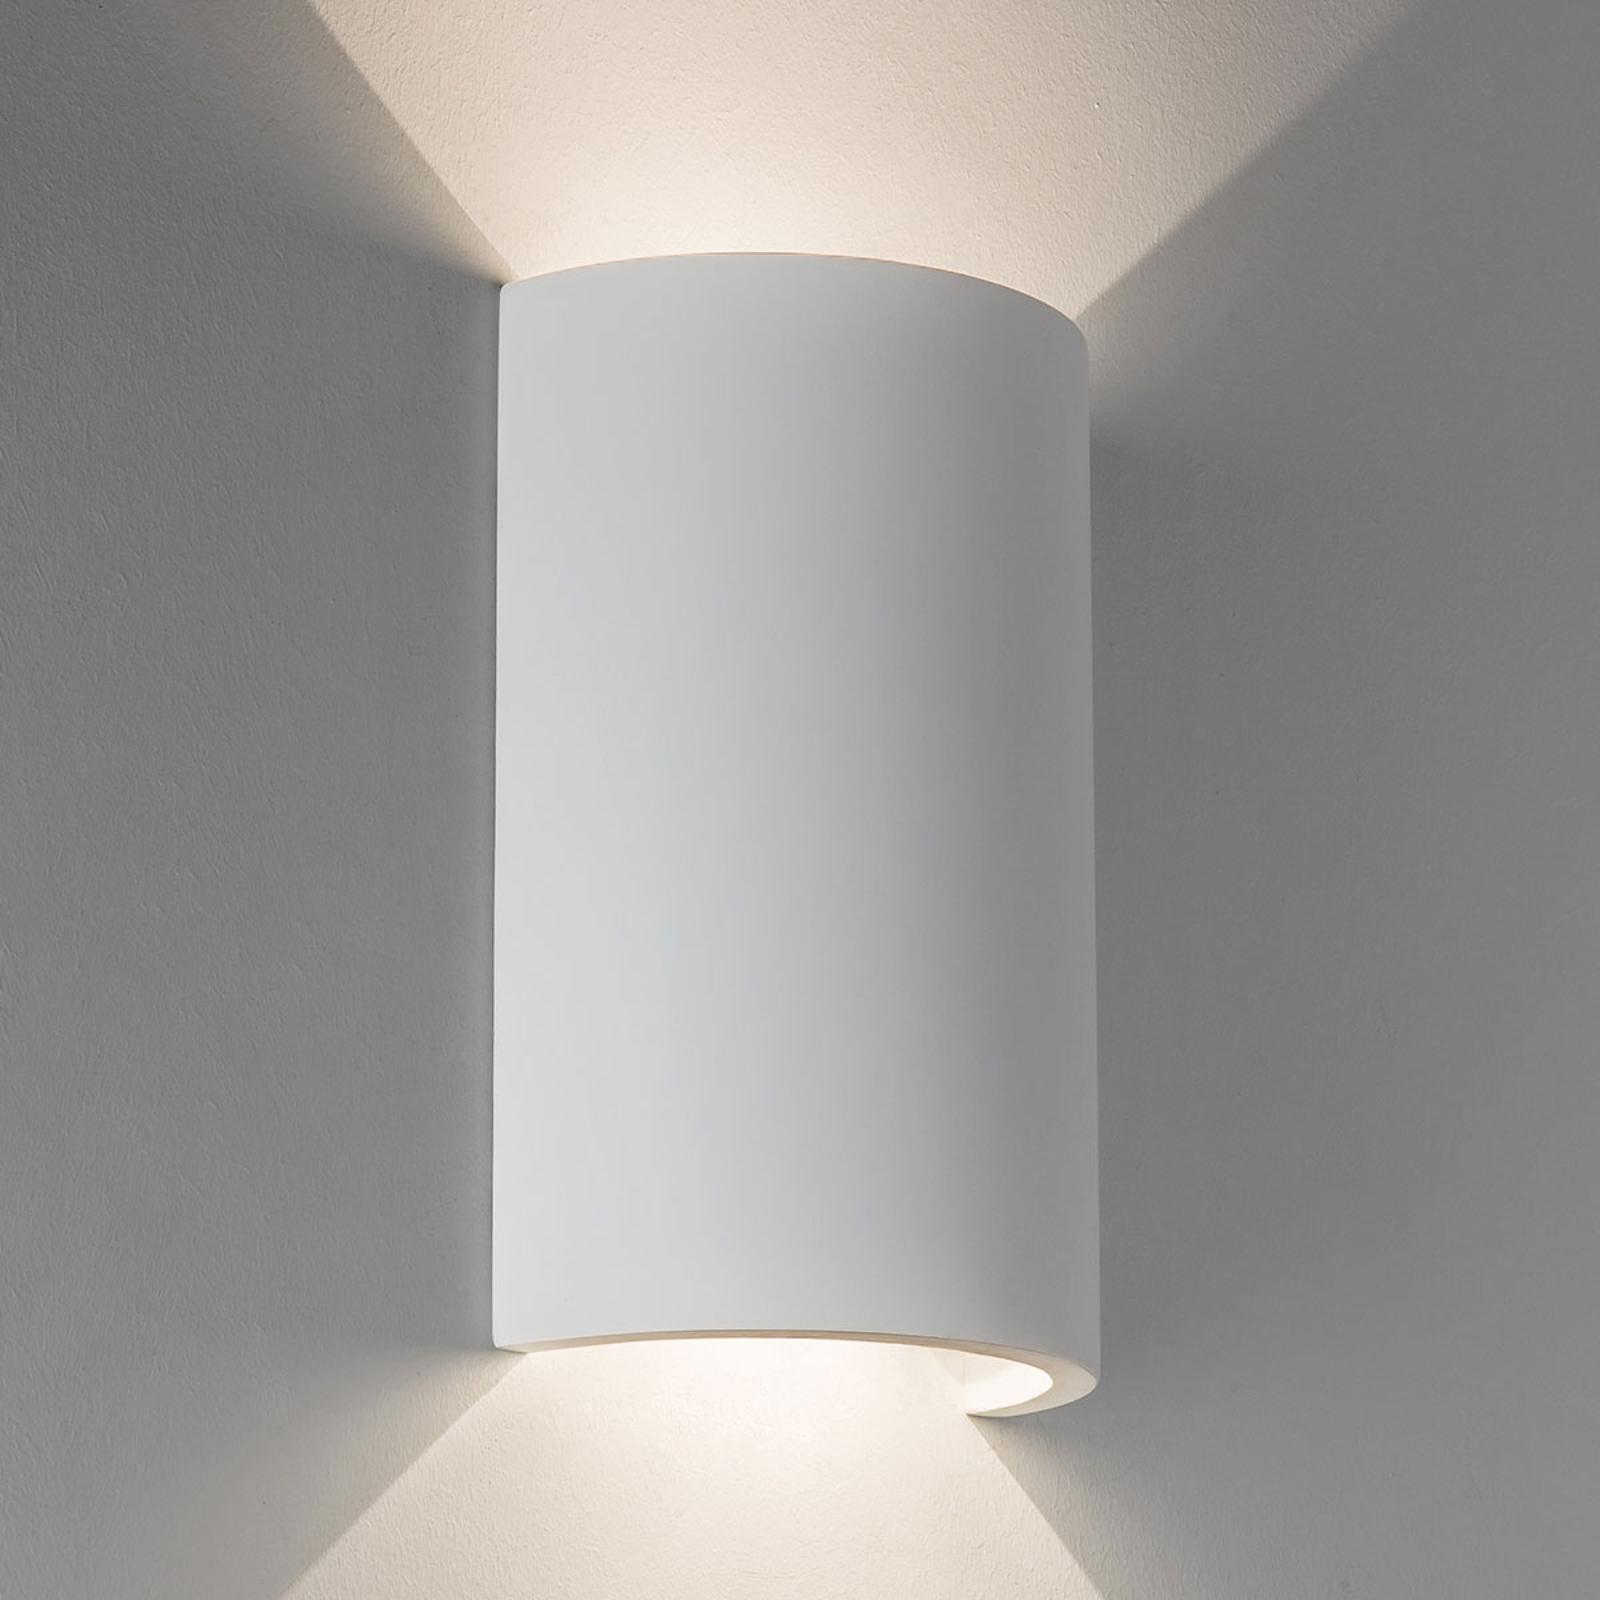 Astro Serifos 170 - bemalbare LED-Gips-Wandlampe